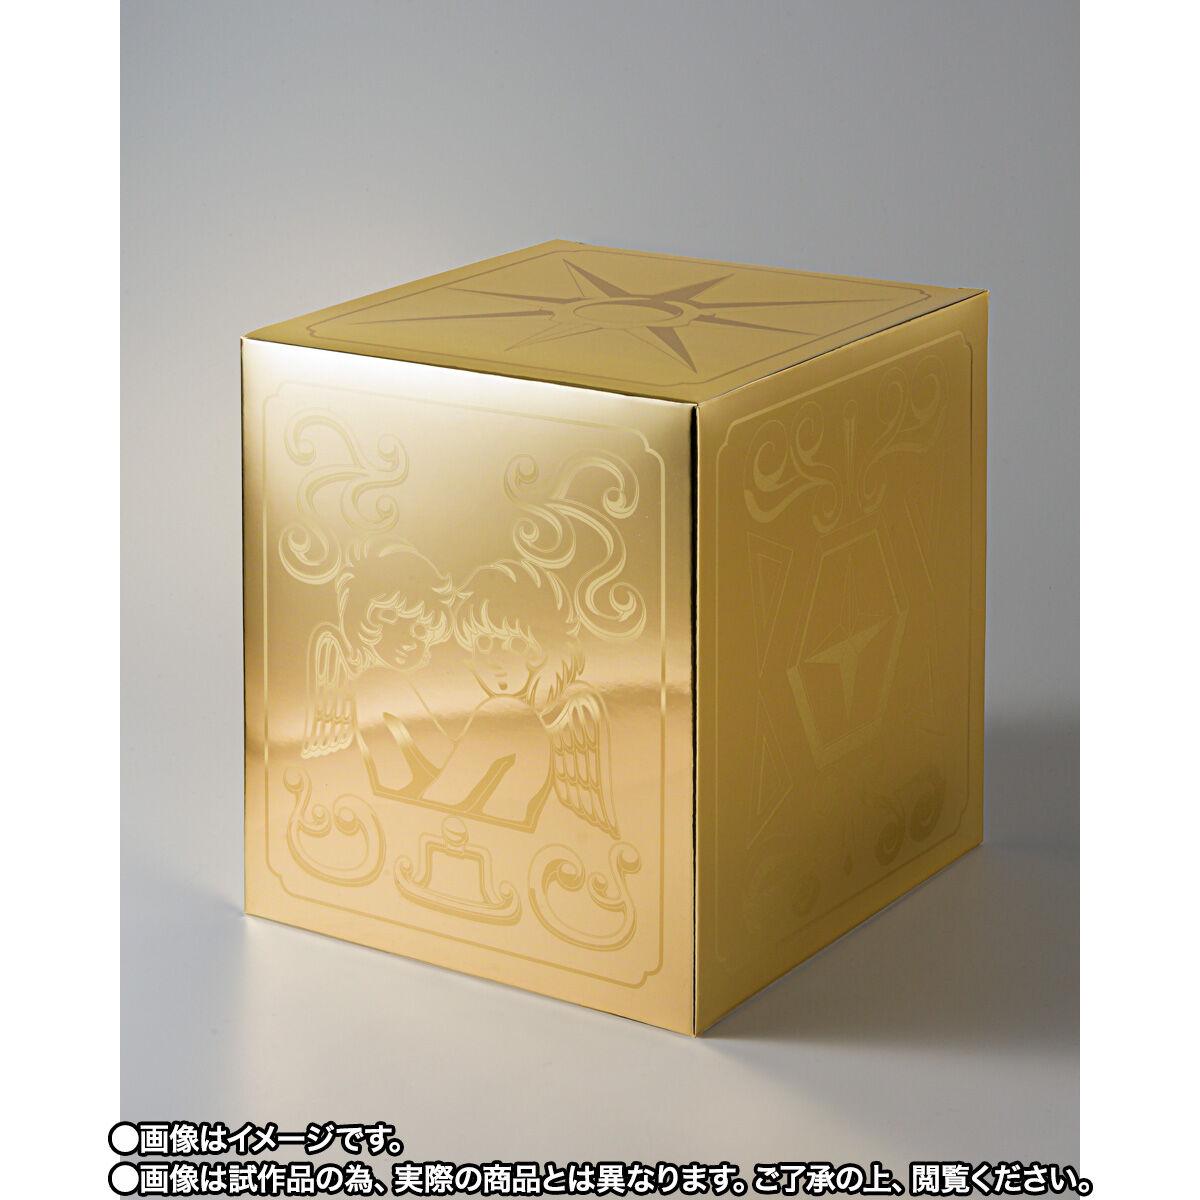 【限定販売】聖闘士聖衣神話EX『ジェミニ サガ GOLD24』聖闘士星矢 可動フィギュア-010